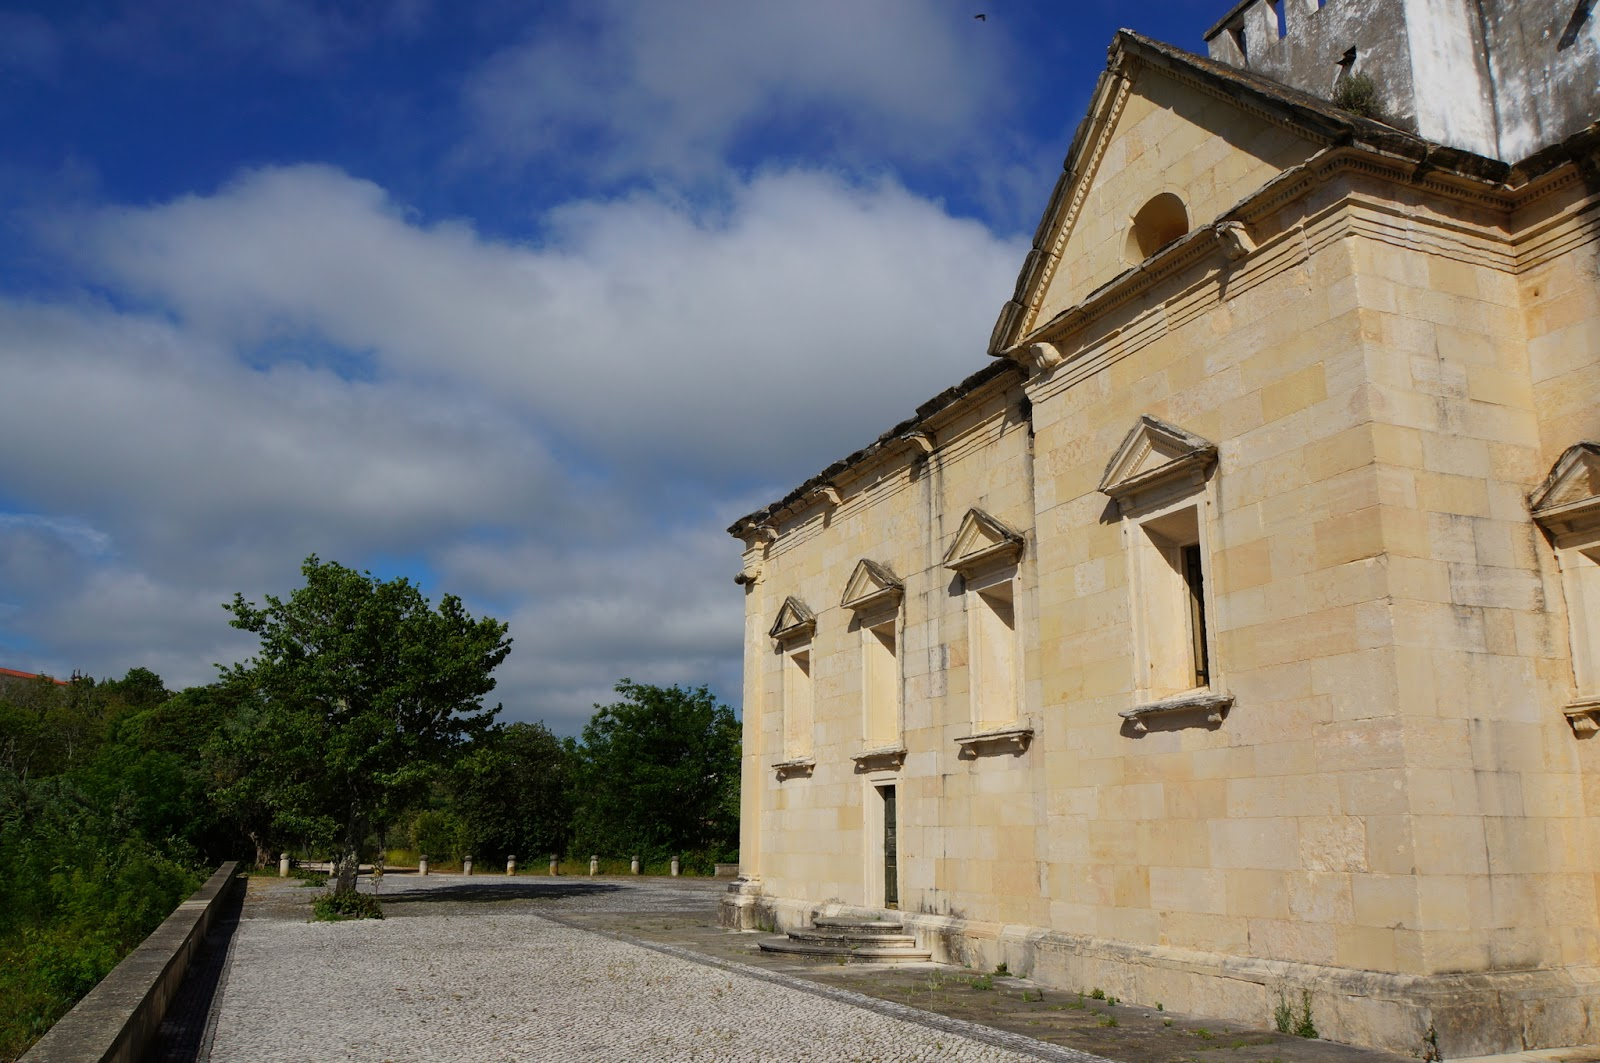 Chapelle Nossa Senhora da Conceiçao - Tomar - Portugal